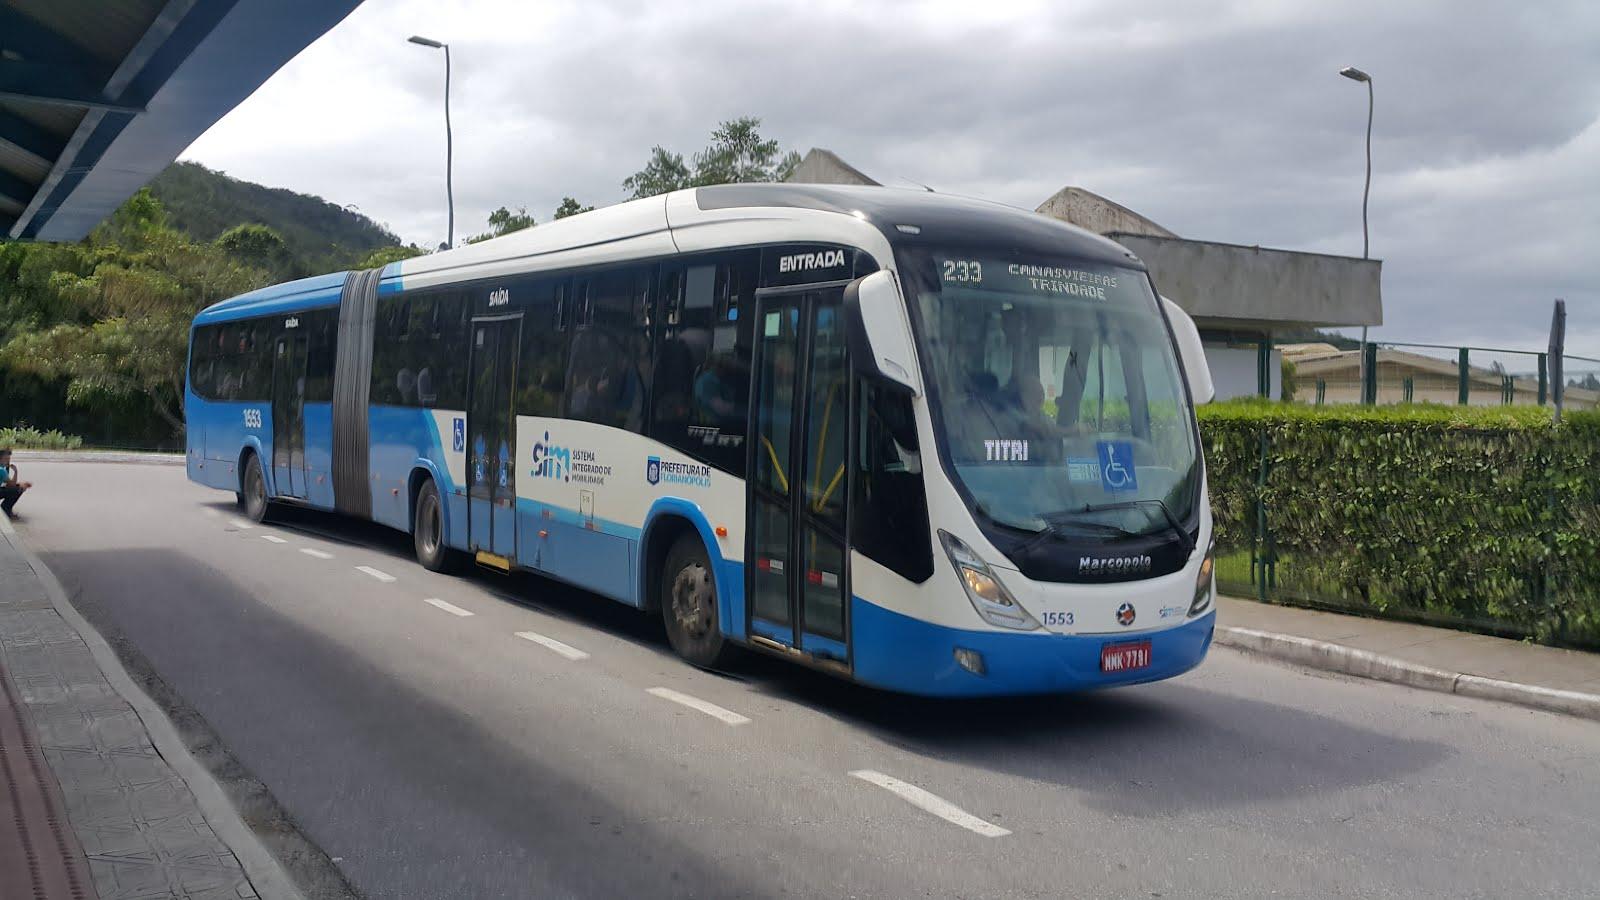 Transporte de passageiros de 1o Mundo